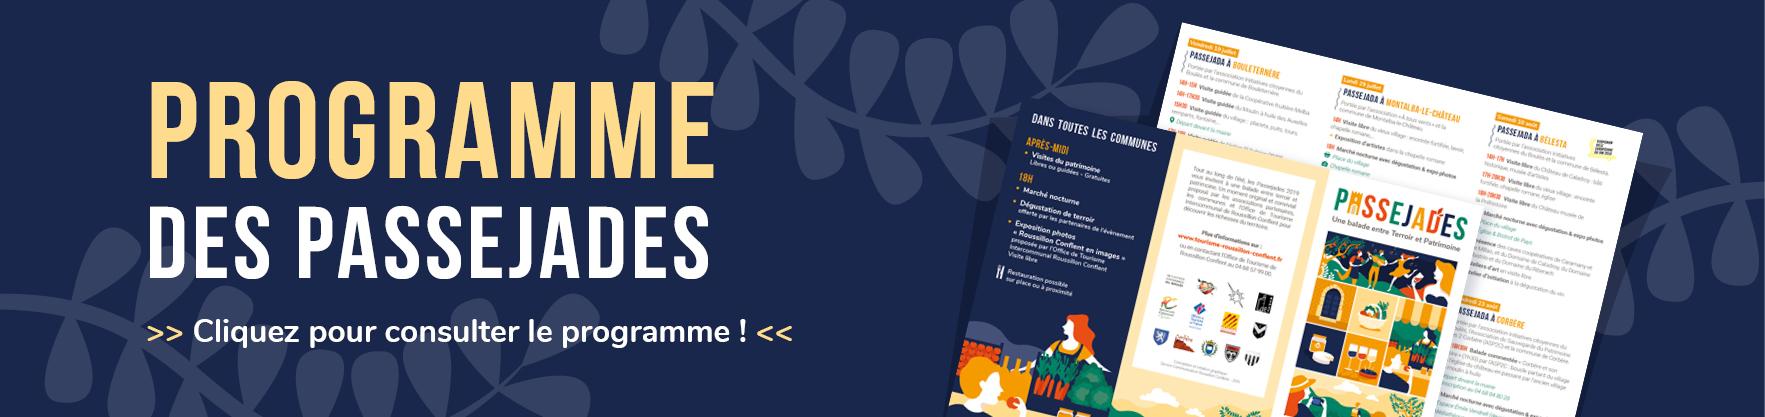 Programme des Passejades (clic)